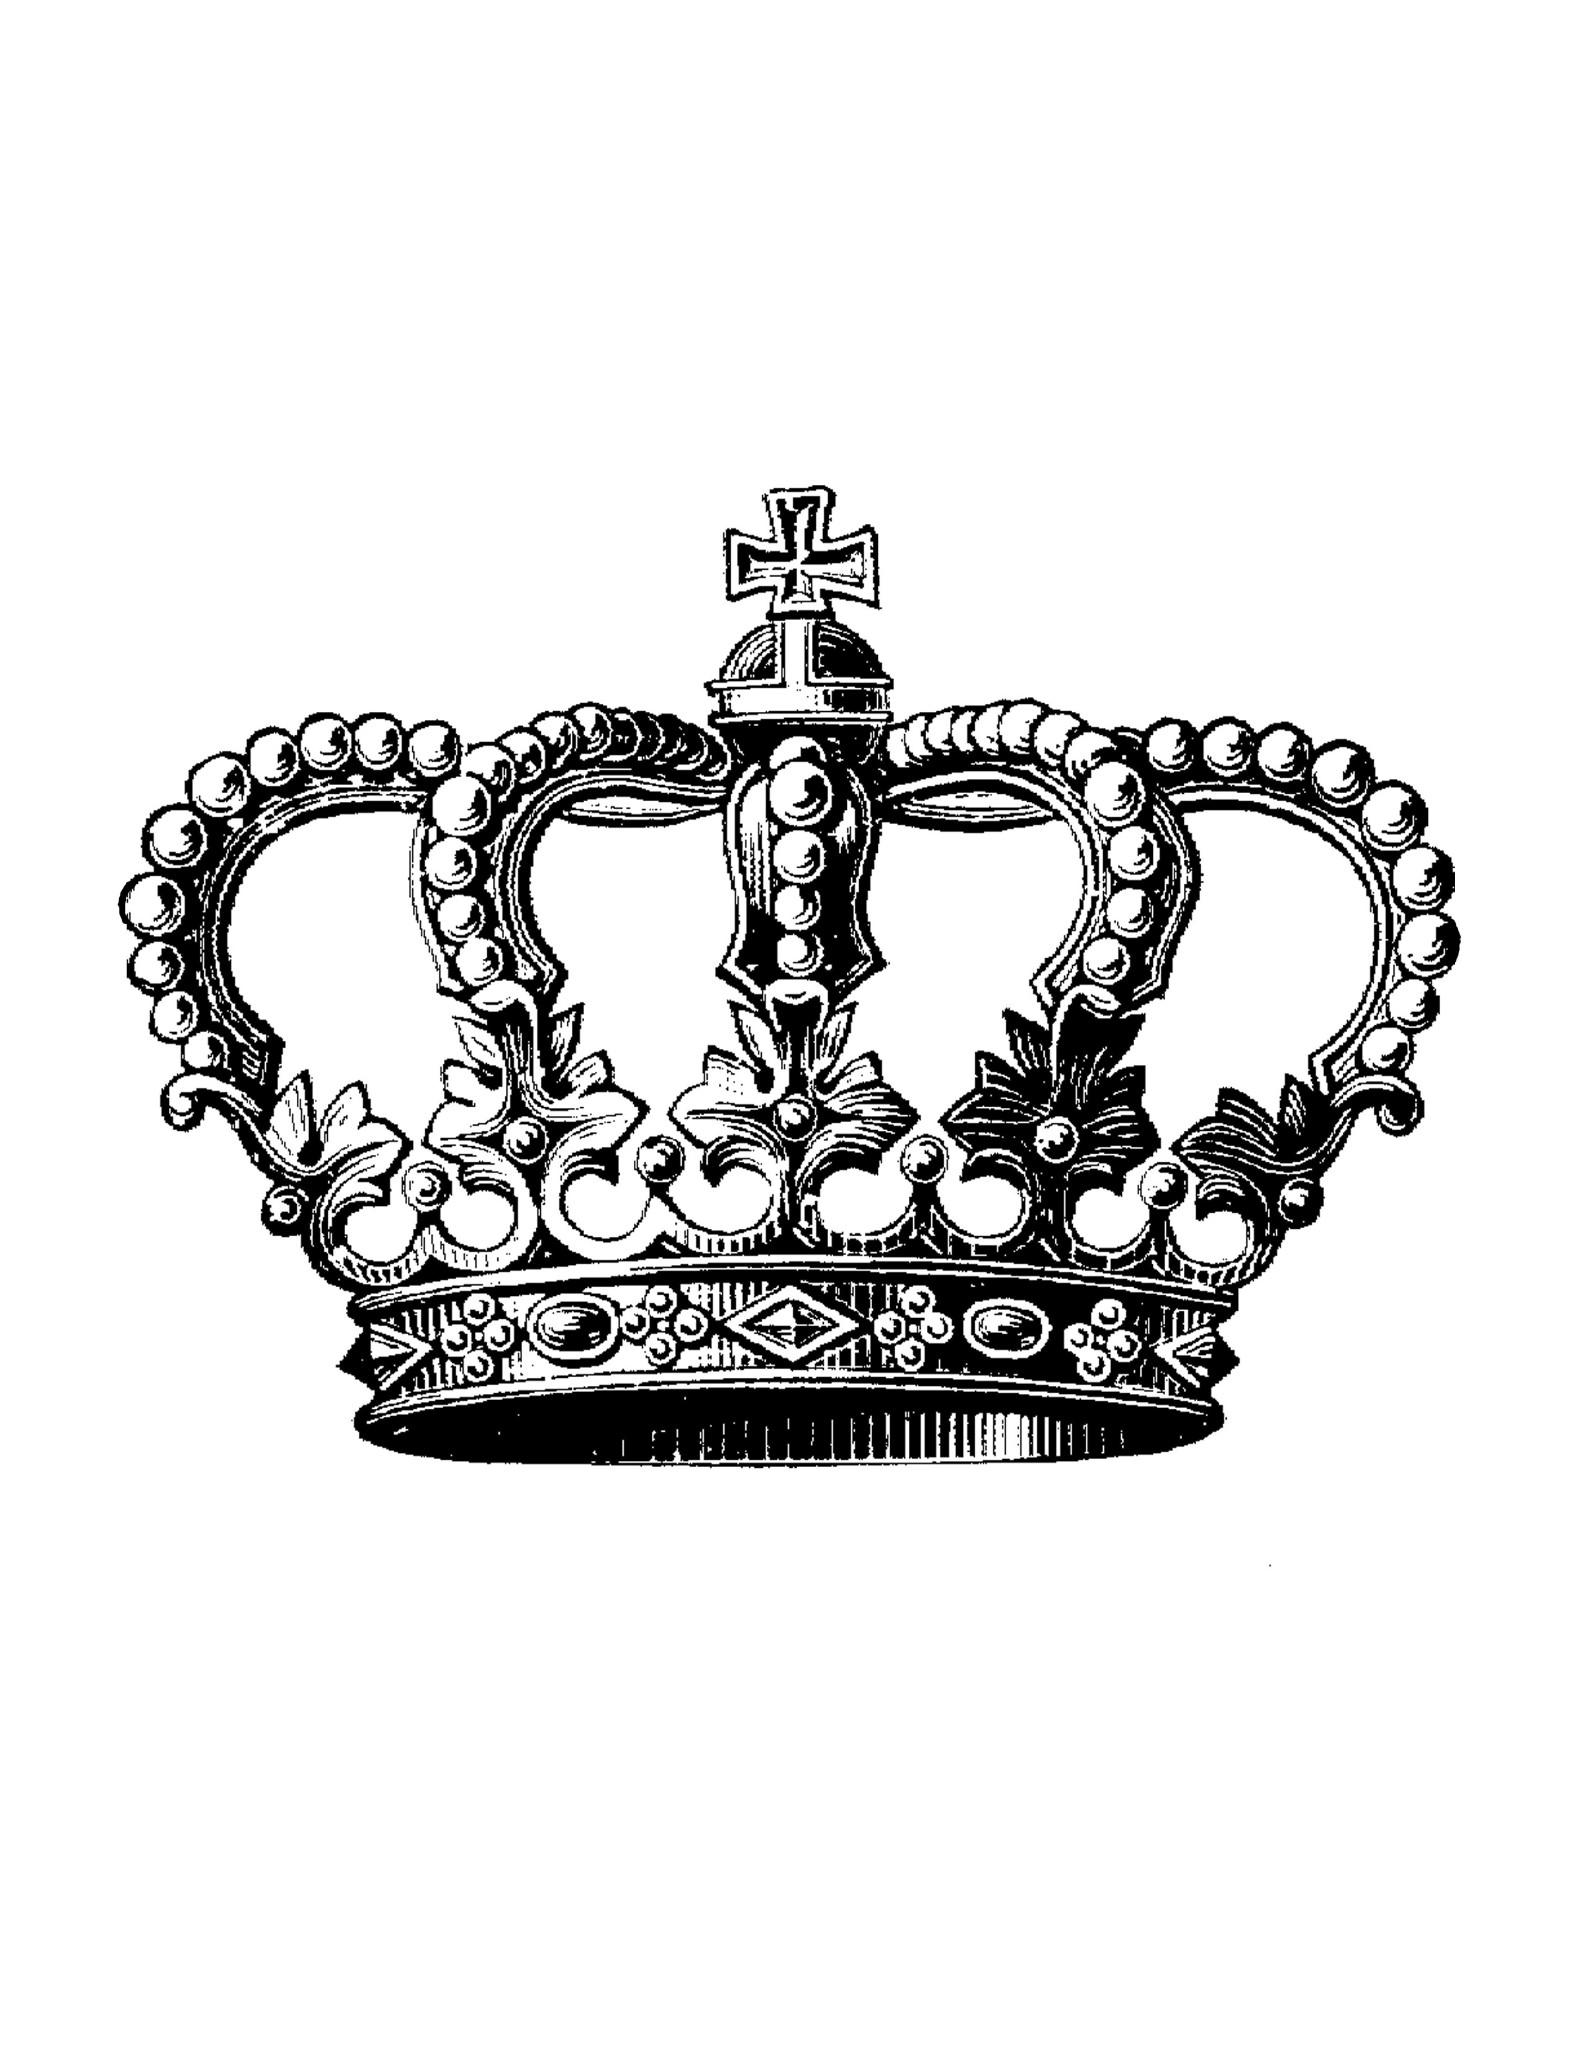 Royal crown Logos.